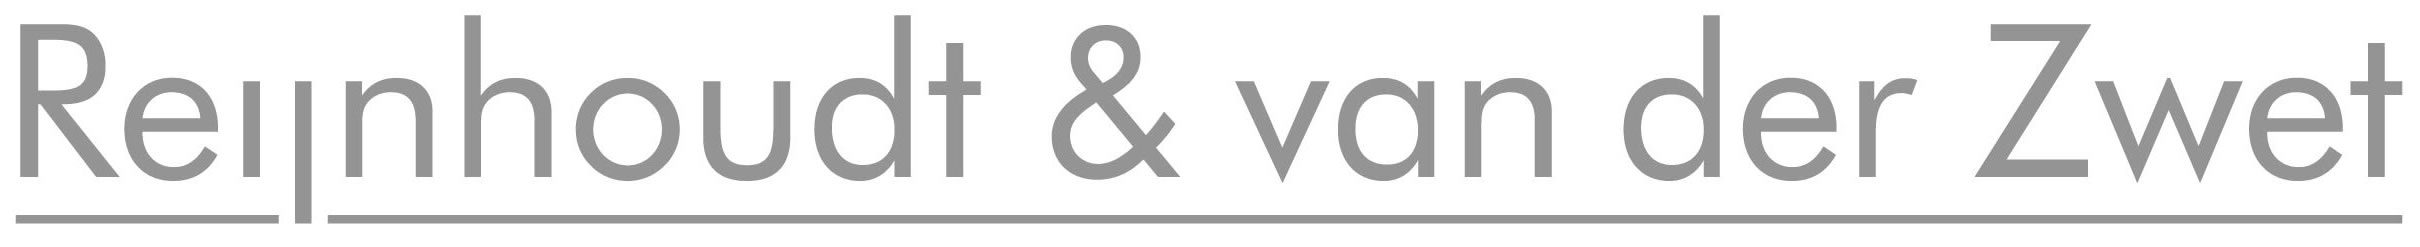 Logo - Reijnhoudt van der Zwet